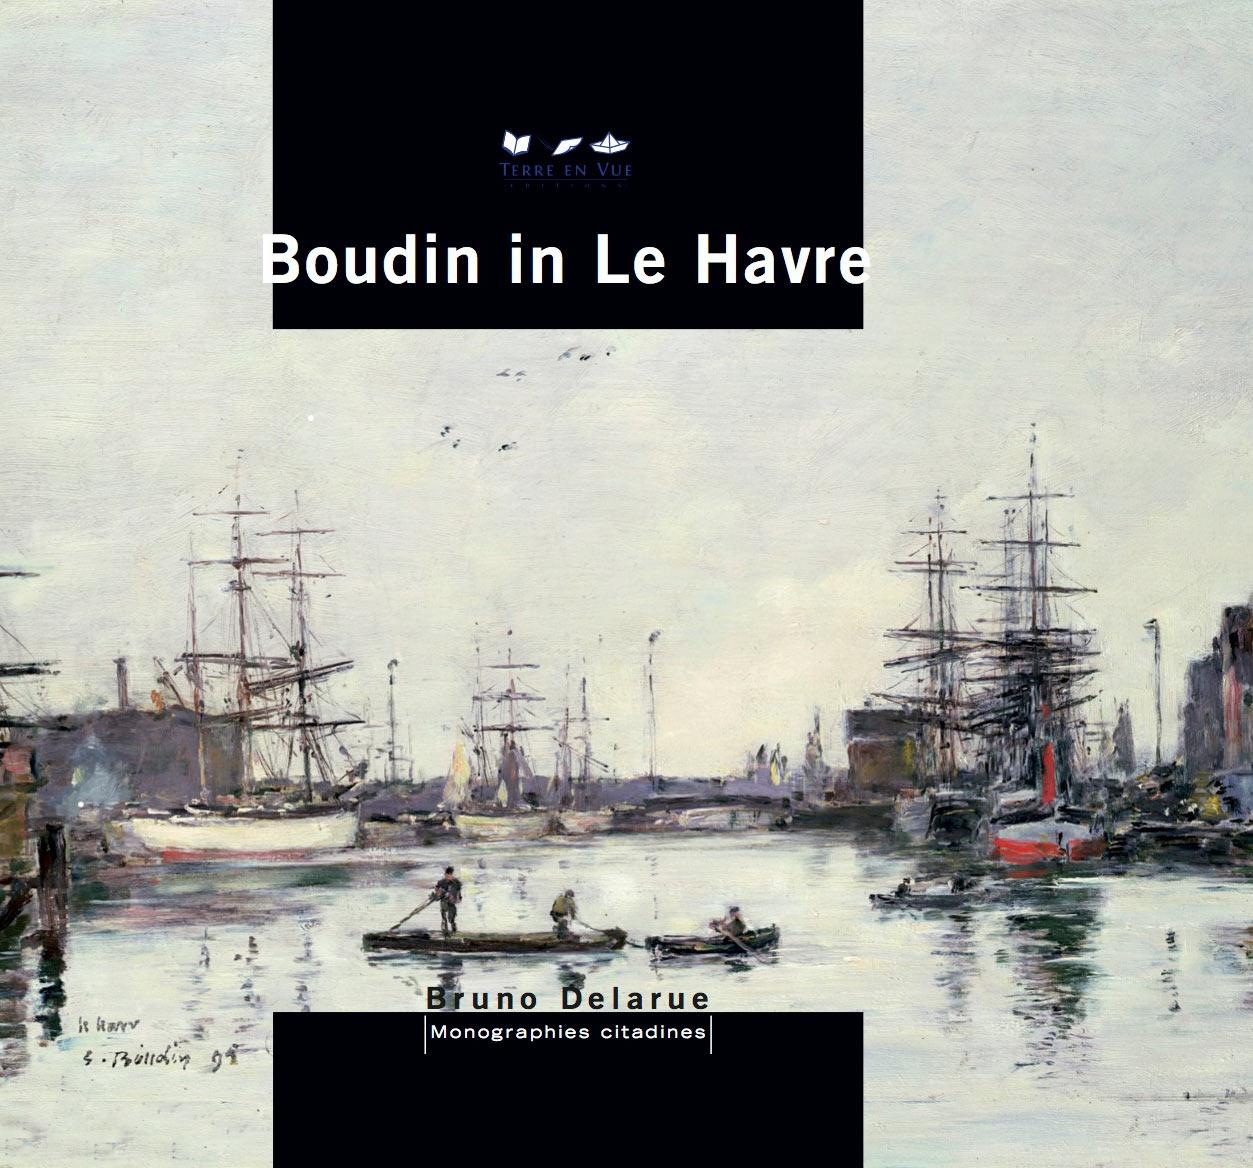 Boudin in Le Havre